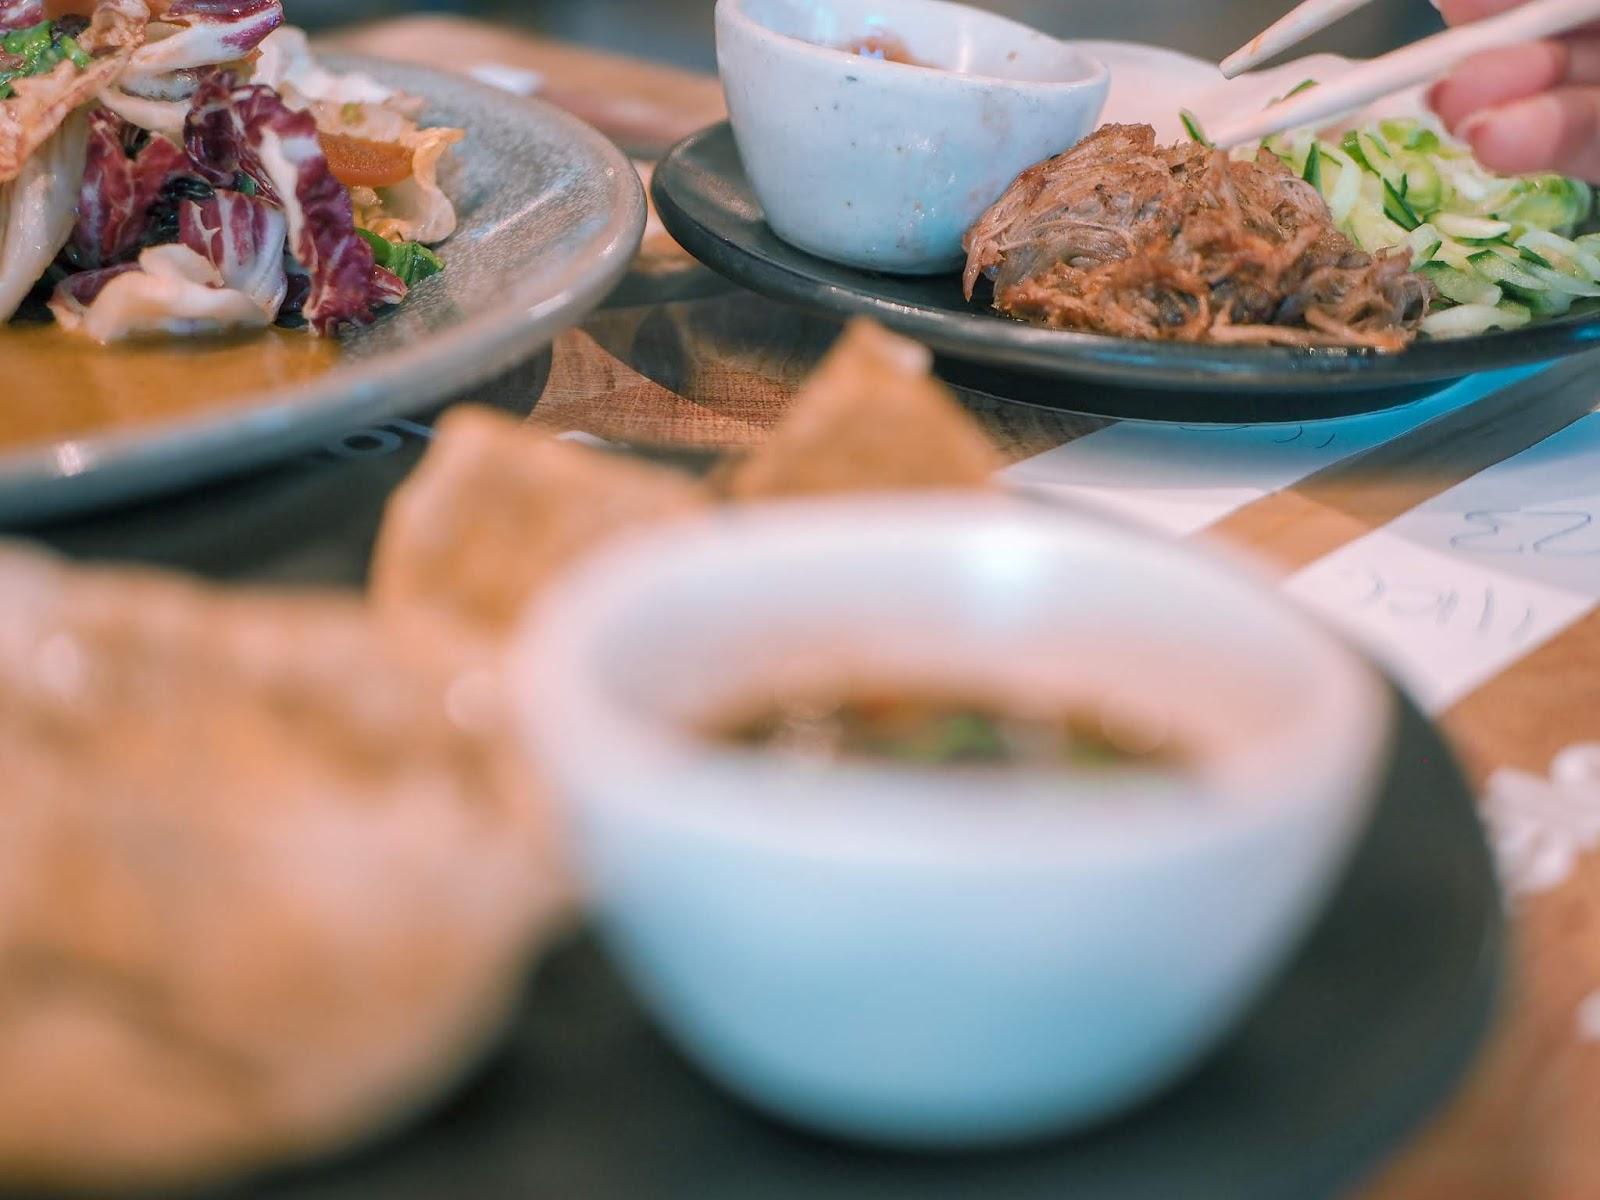 2018-eating-less-meat-vegan-menu-wagamama-leeds-uk-img7